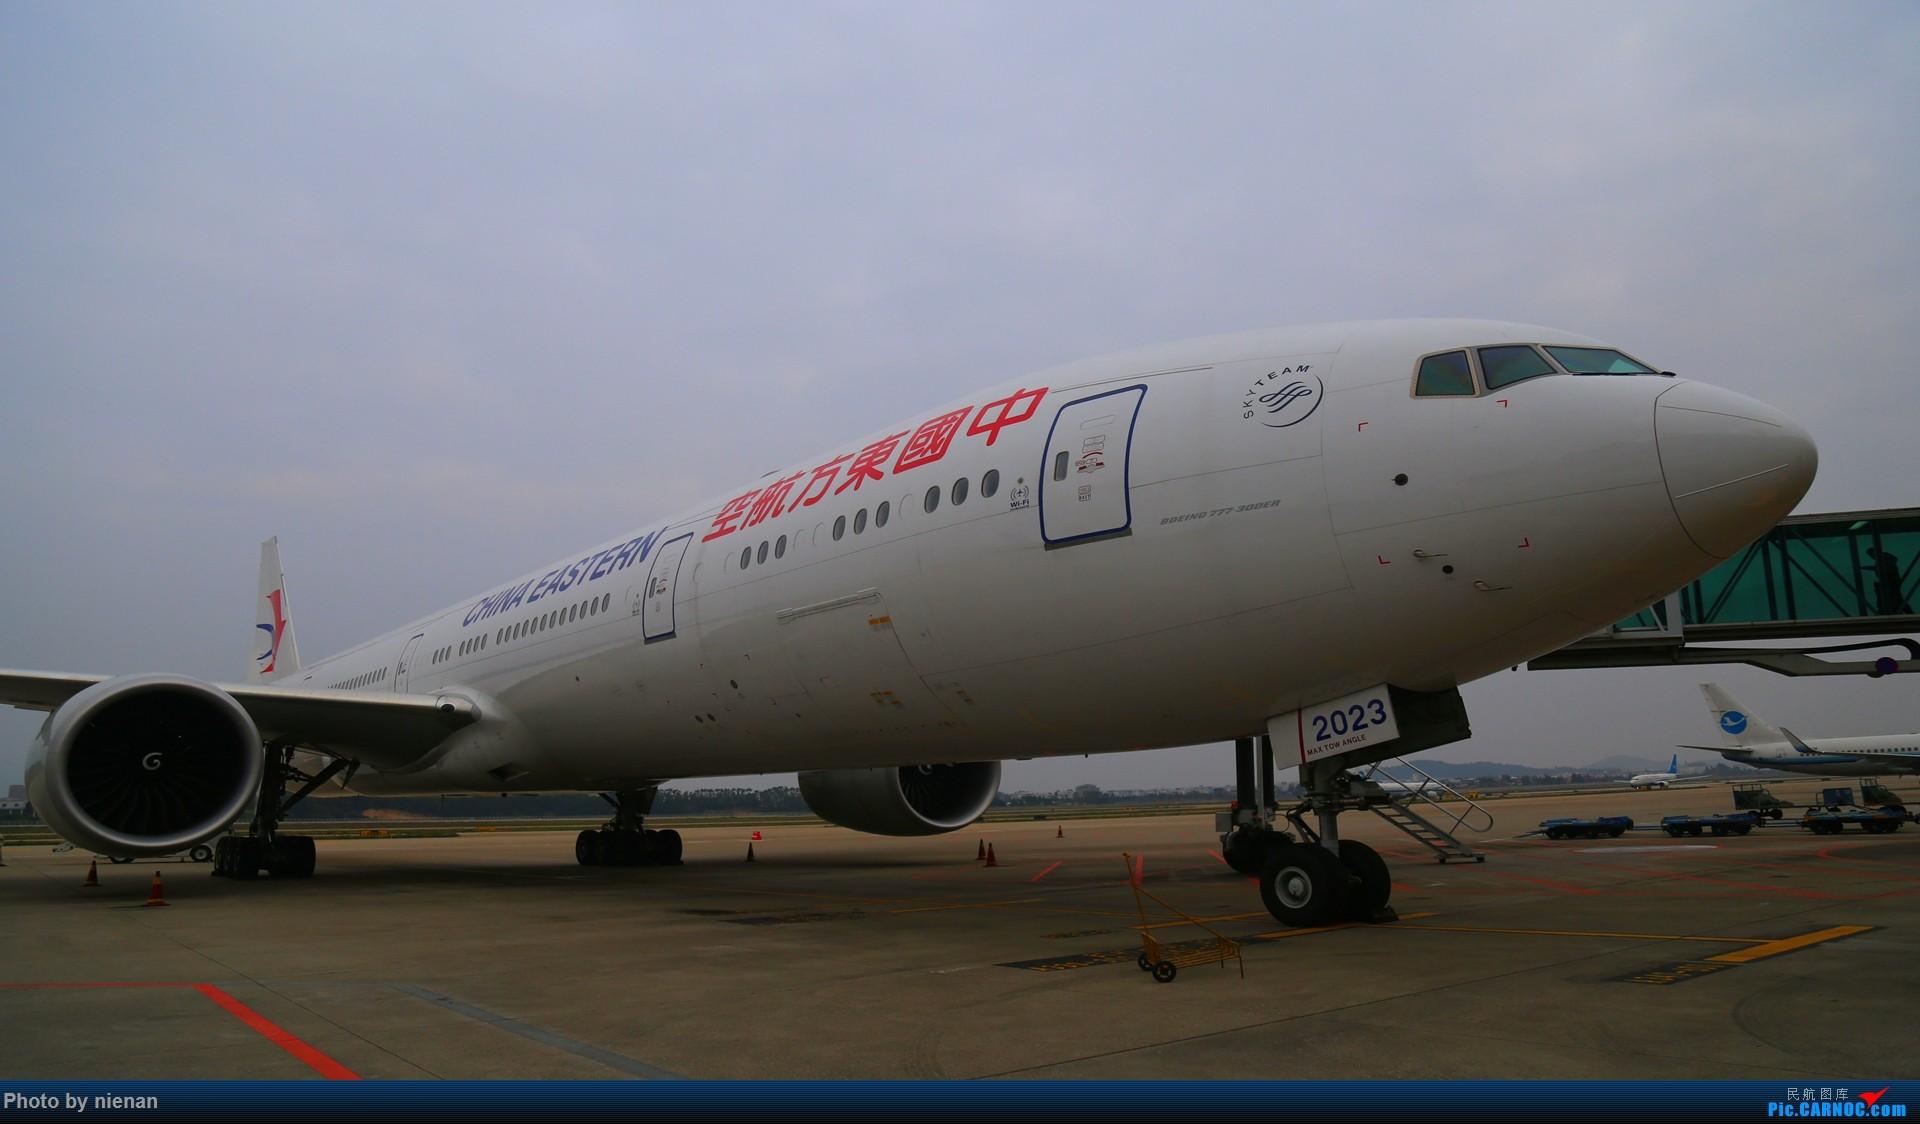 [原创]福州飞友会 内场2东航系列走一波 777-300ER BOEING 777-300ER B-2023 中国福州长乐国际机场